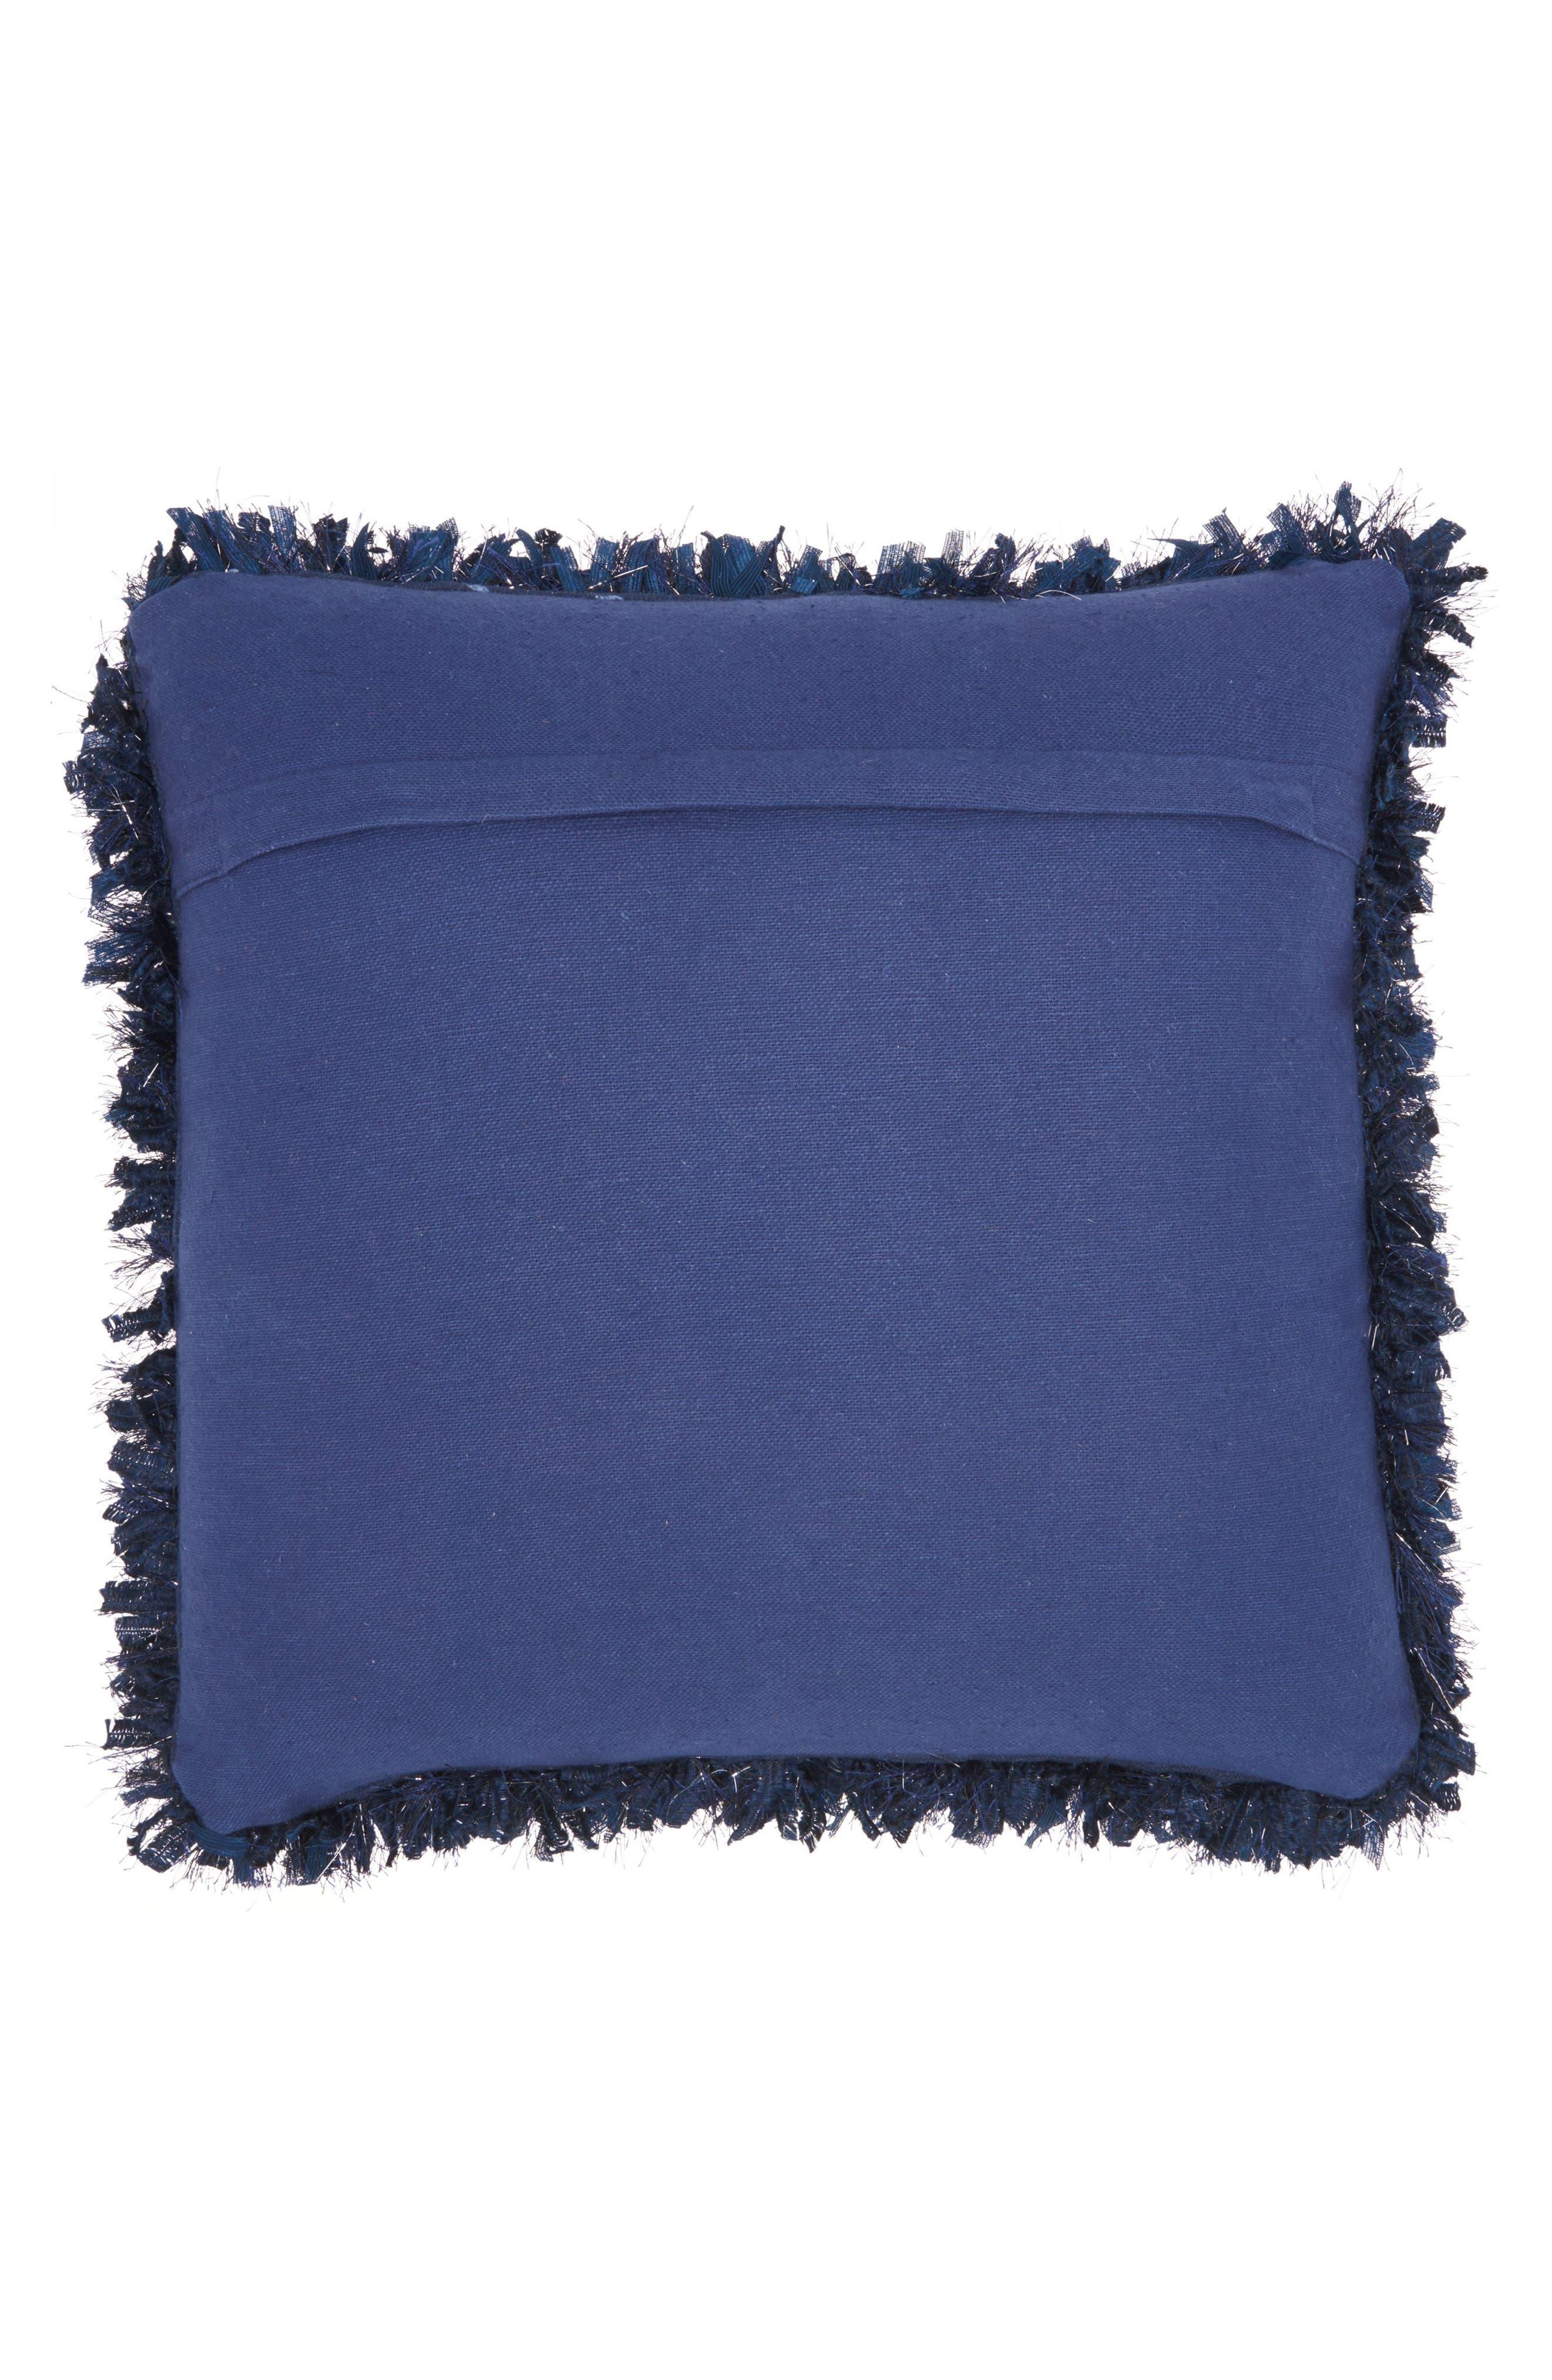 Alternate Image 2  - Mina Victory 'Shiny' Shag Pillow